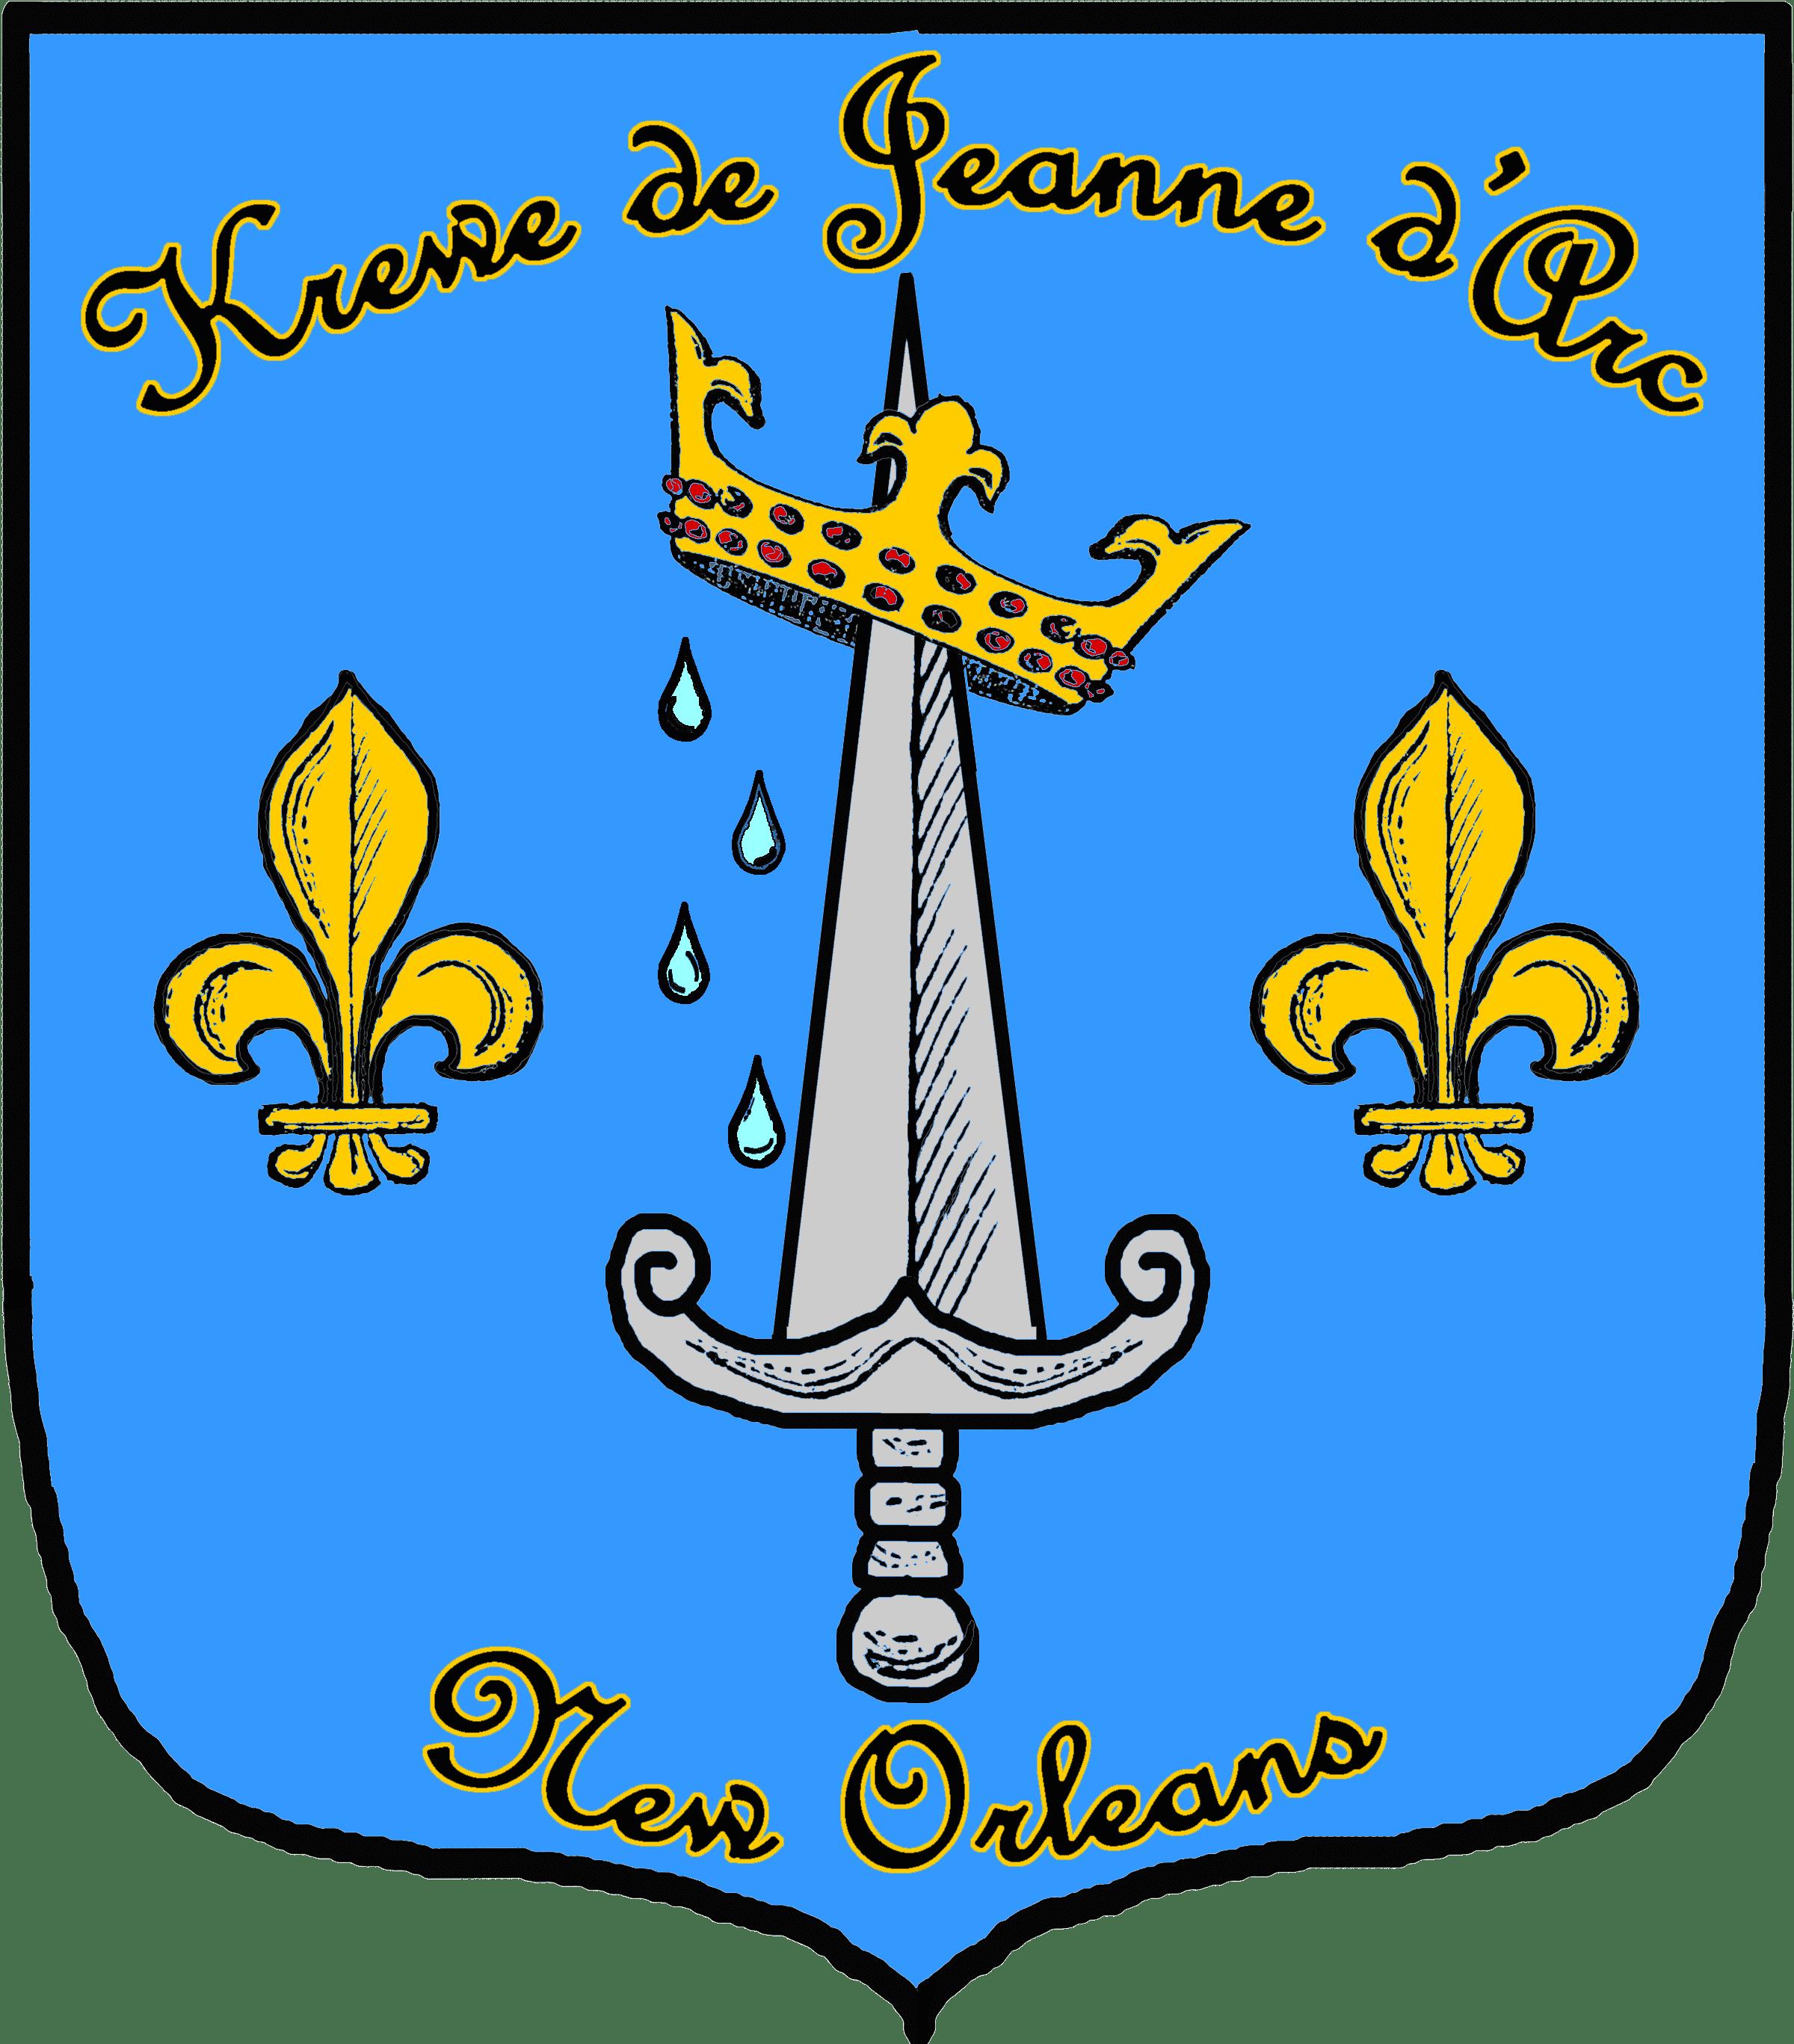 Color logo illustration version